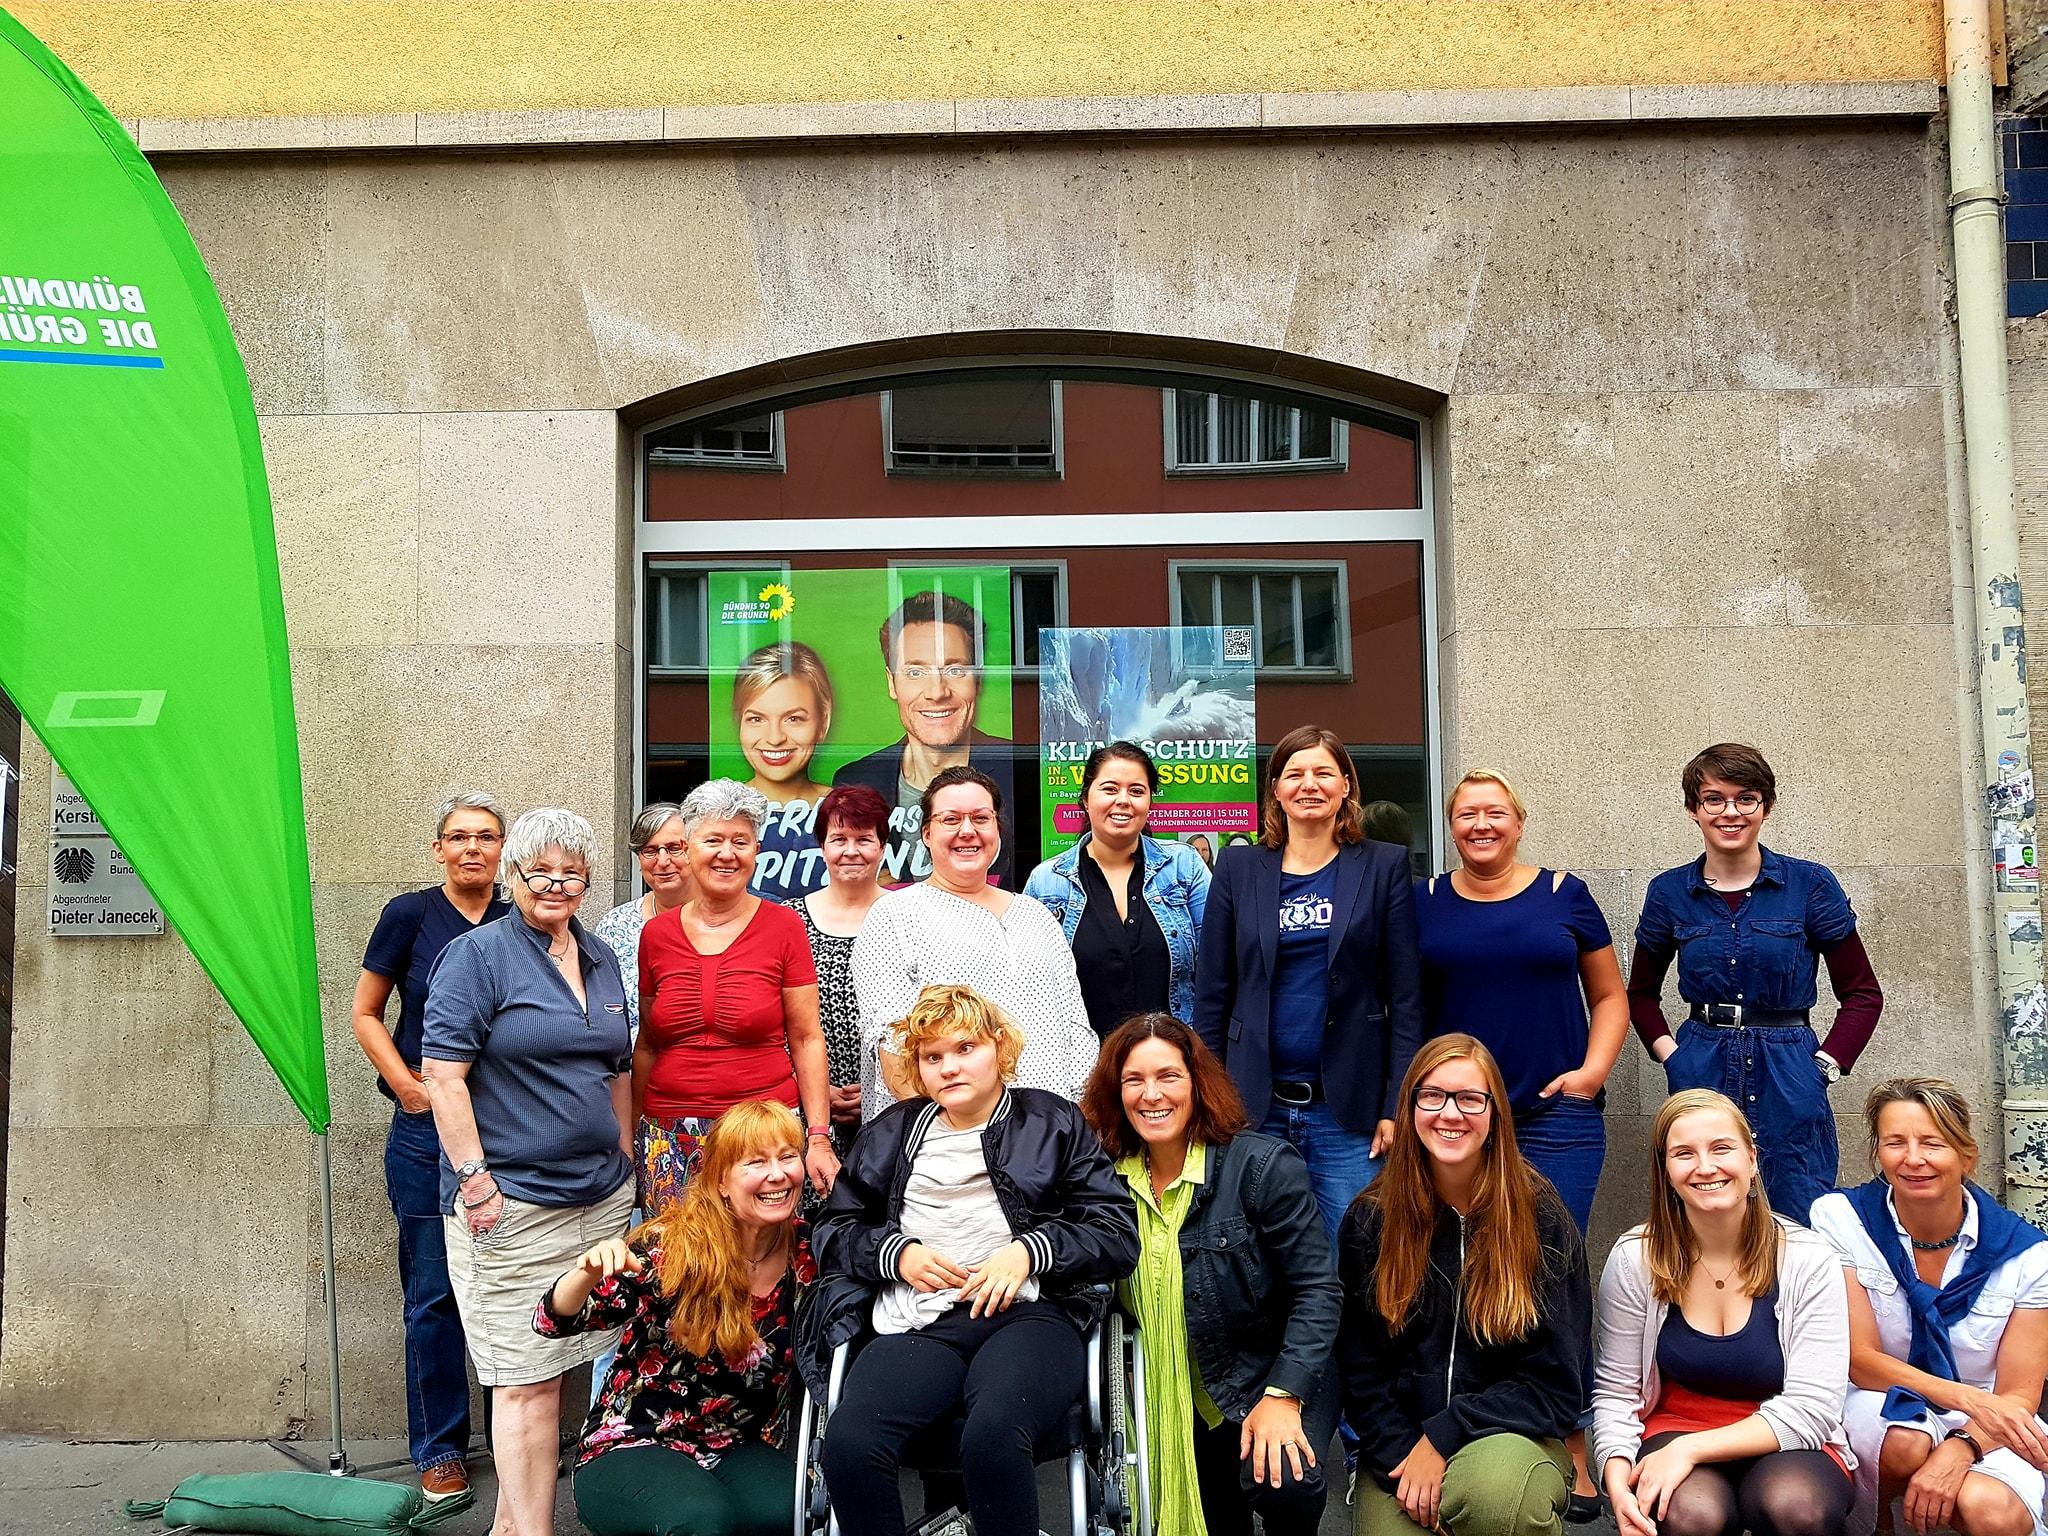 Die Teilnehmerinnen des Frauenfrühstücks in Würzburg.